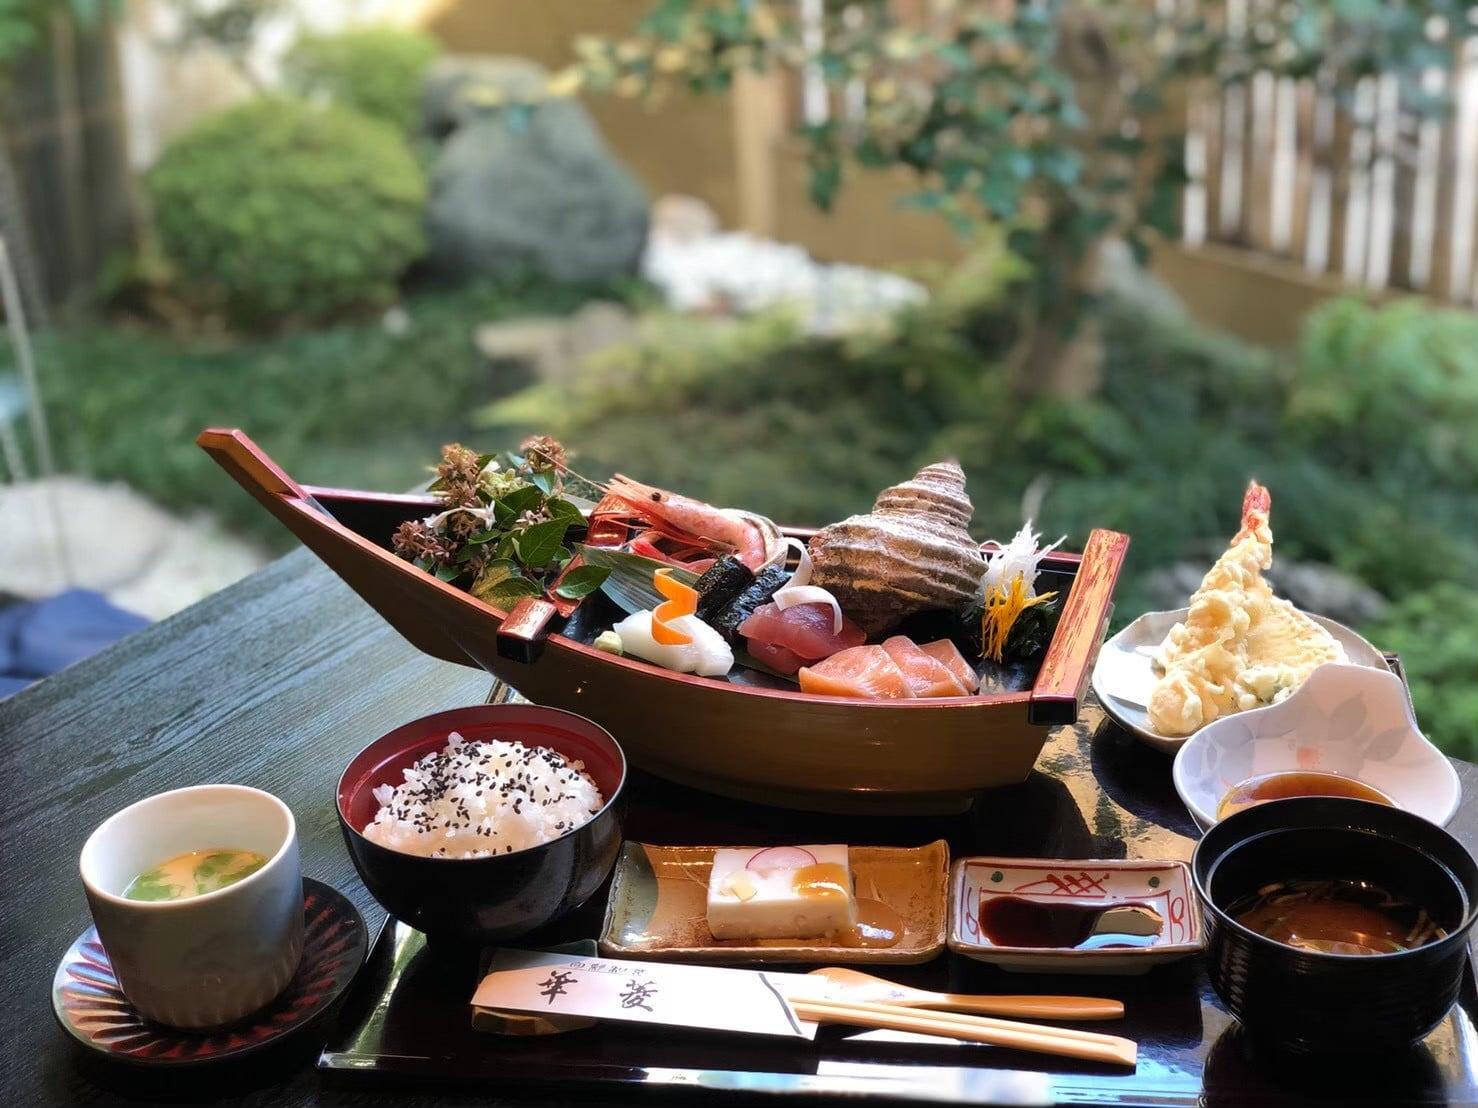 日本料理 華菱 《紹介》         注)表記上の料金(税込330円)はかかりません。ポイント(10ポイント)も対象外となります。のイメージその2